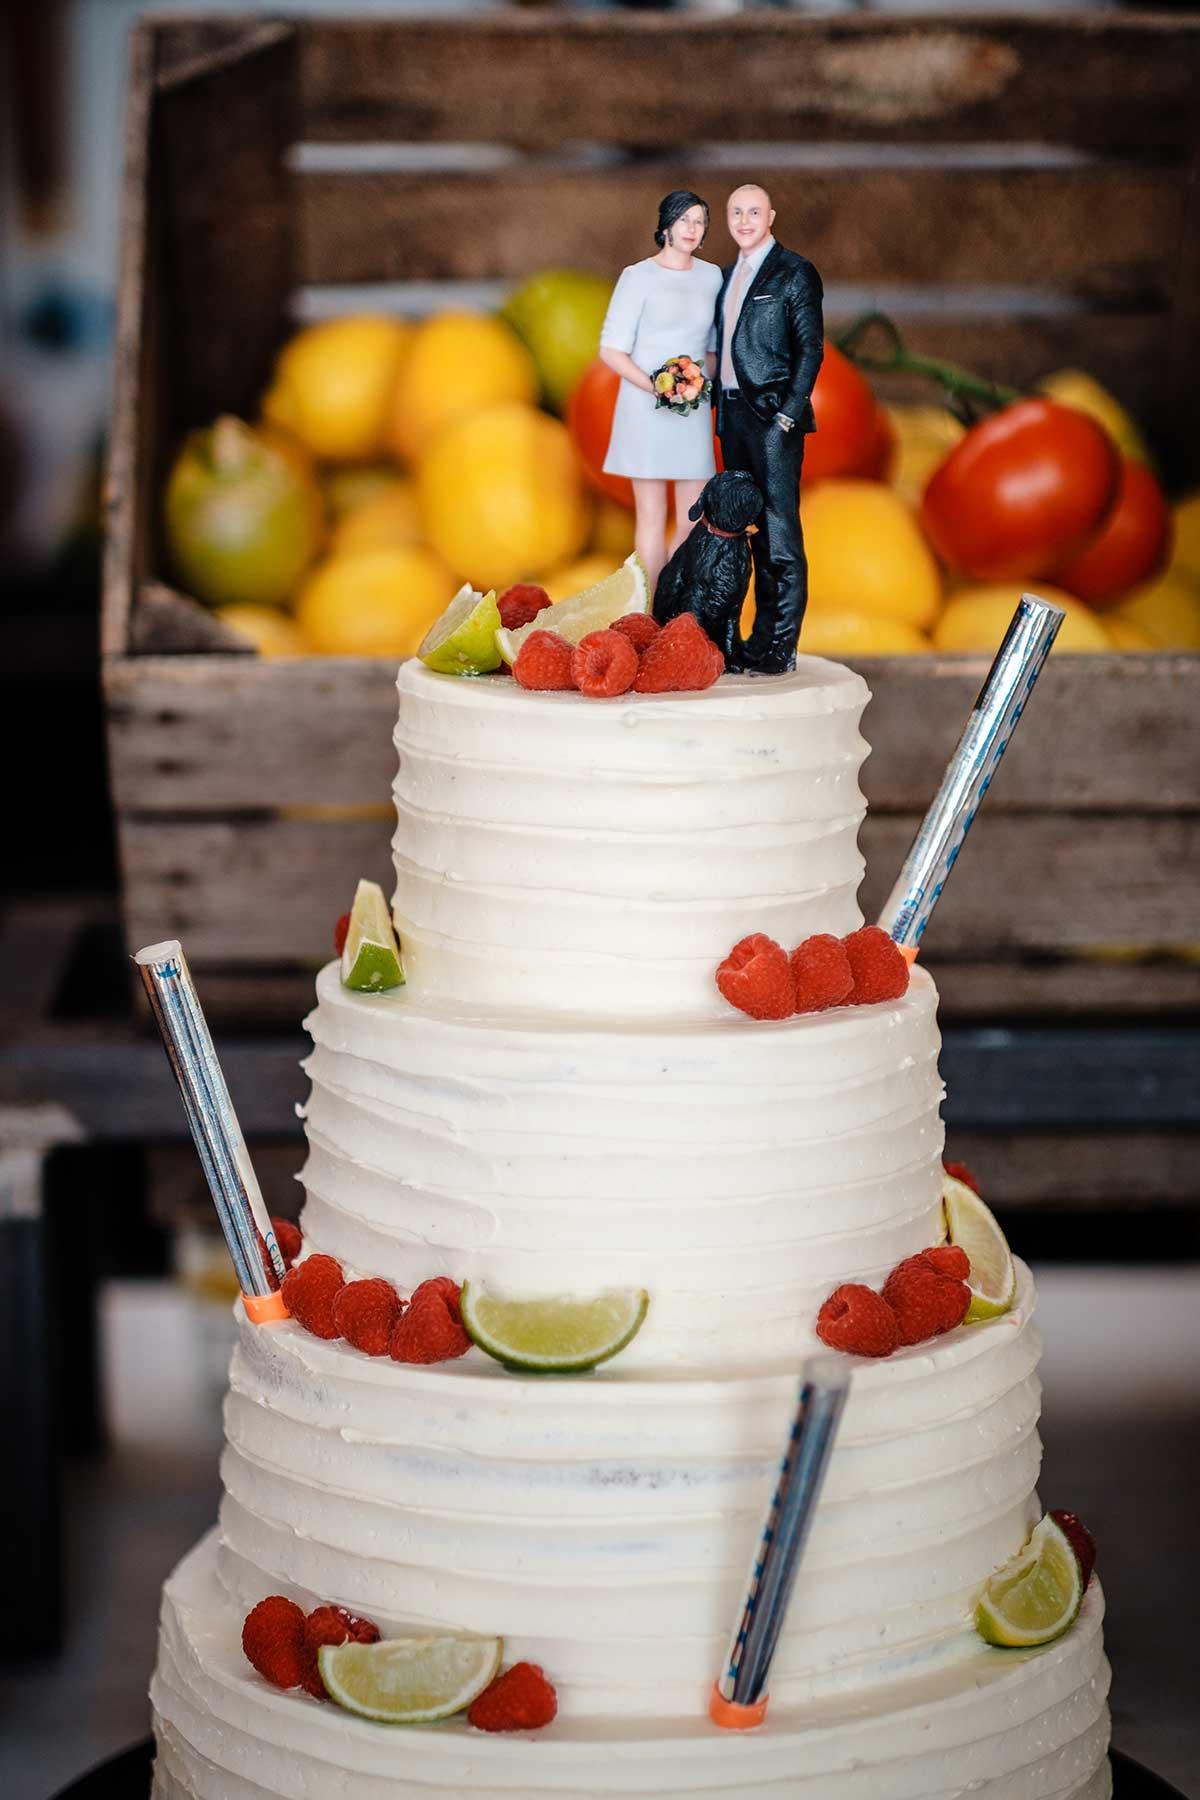 Personalisierter Caketopper als Abbild von Braut und Bräutigam